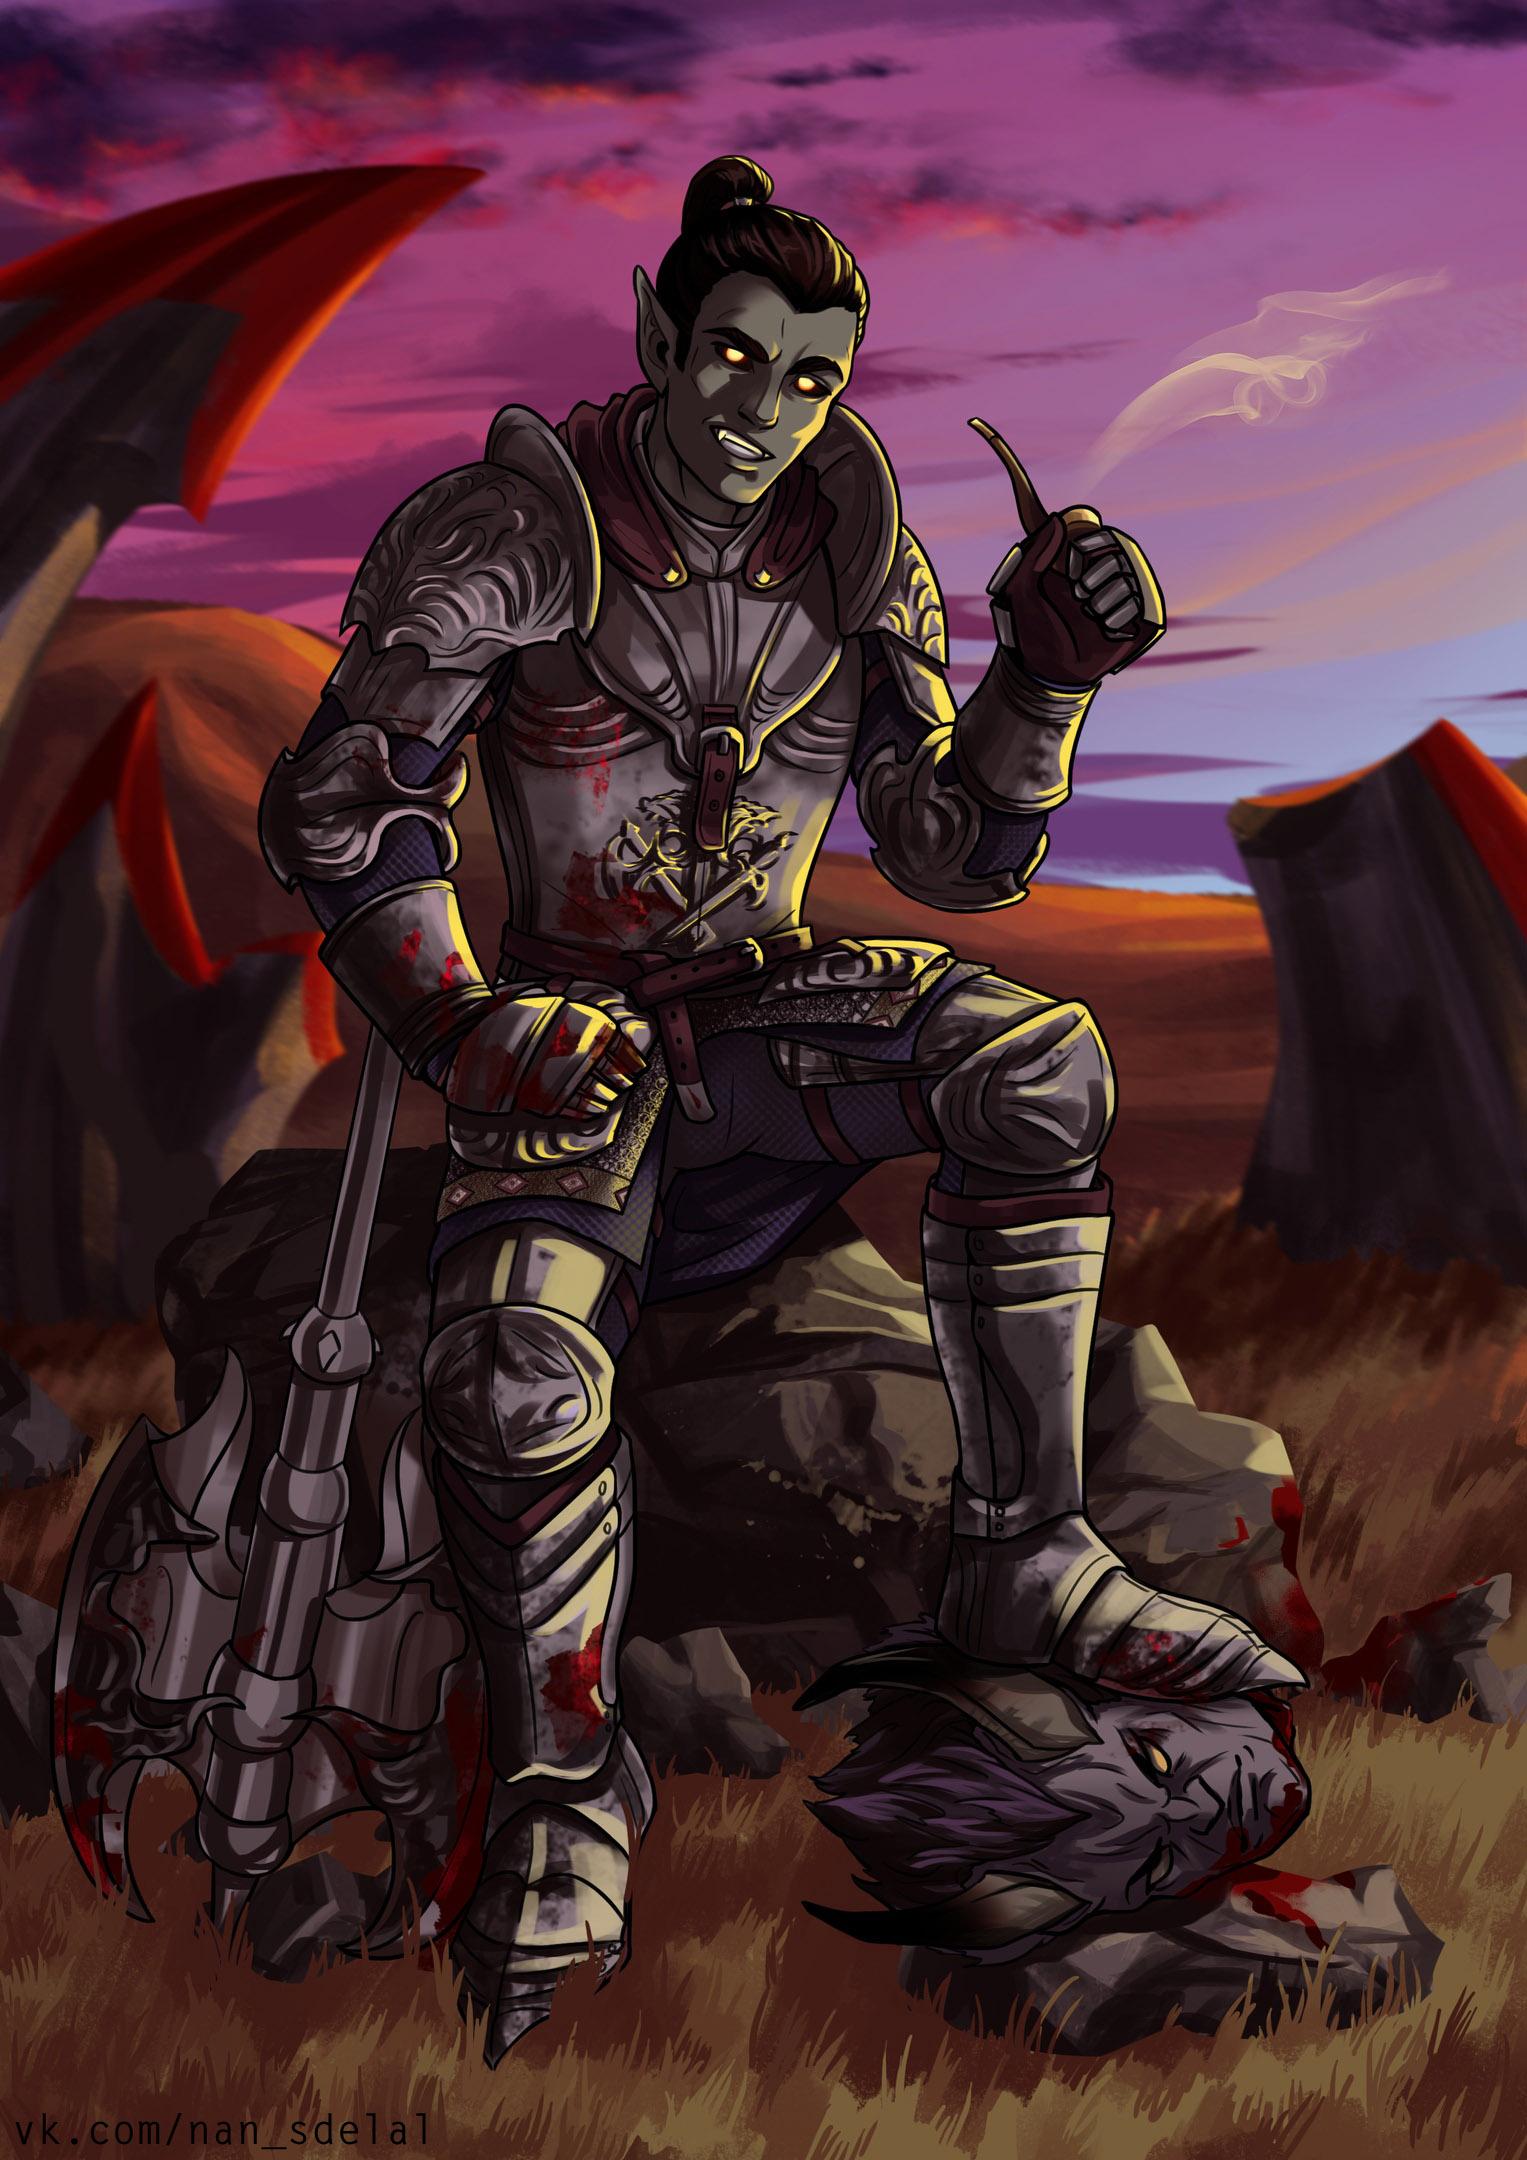 Перекур Сиродильского чемпиона. Автор: vk.com/nan_sdelal - Elder Scrolls 5: Skyrim, the